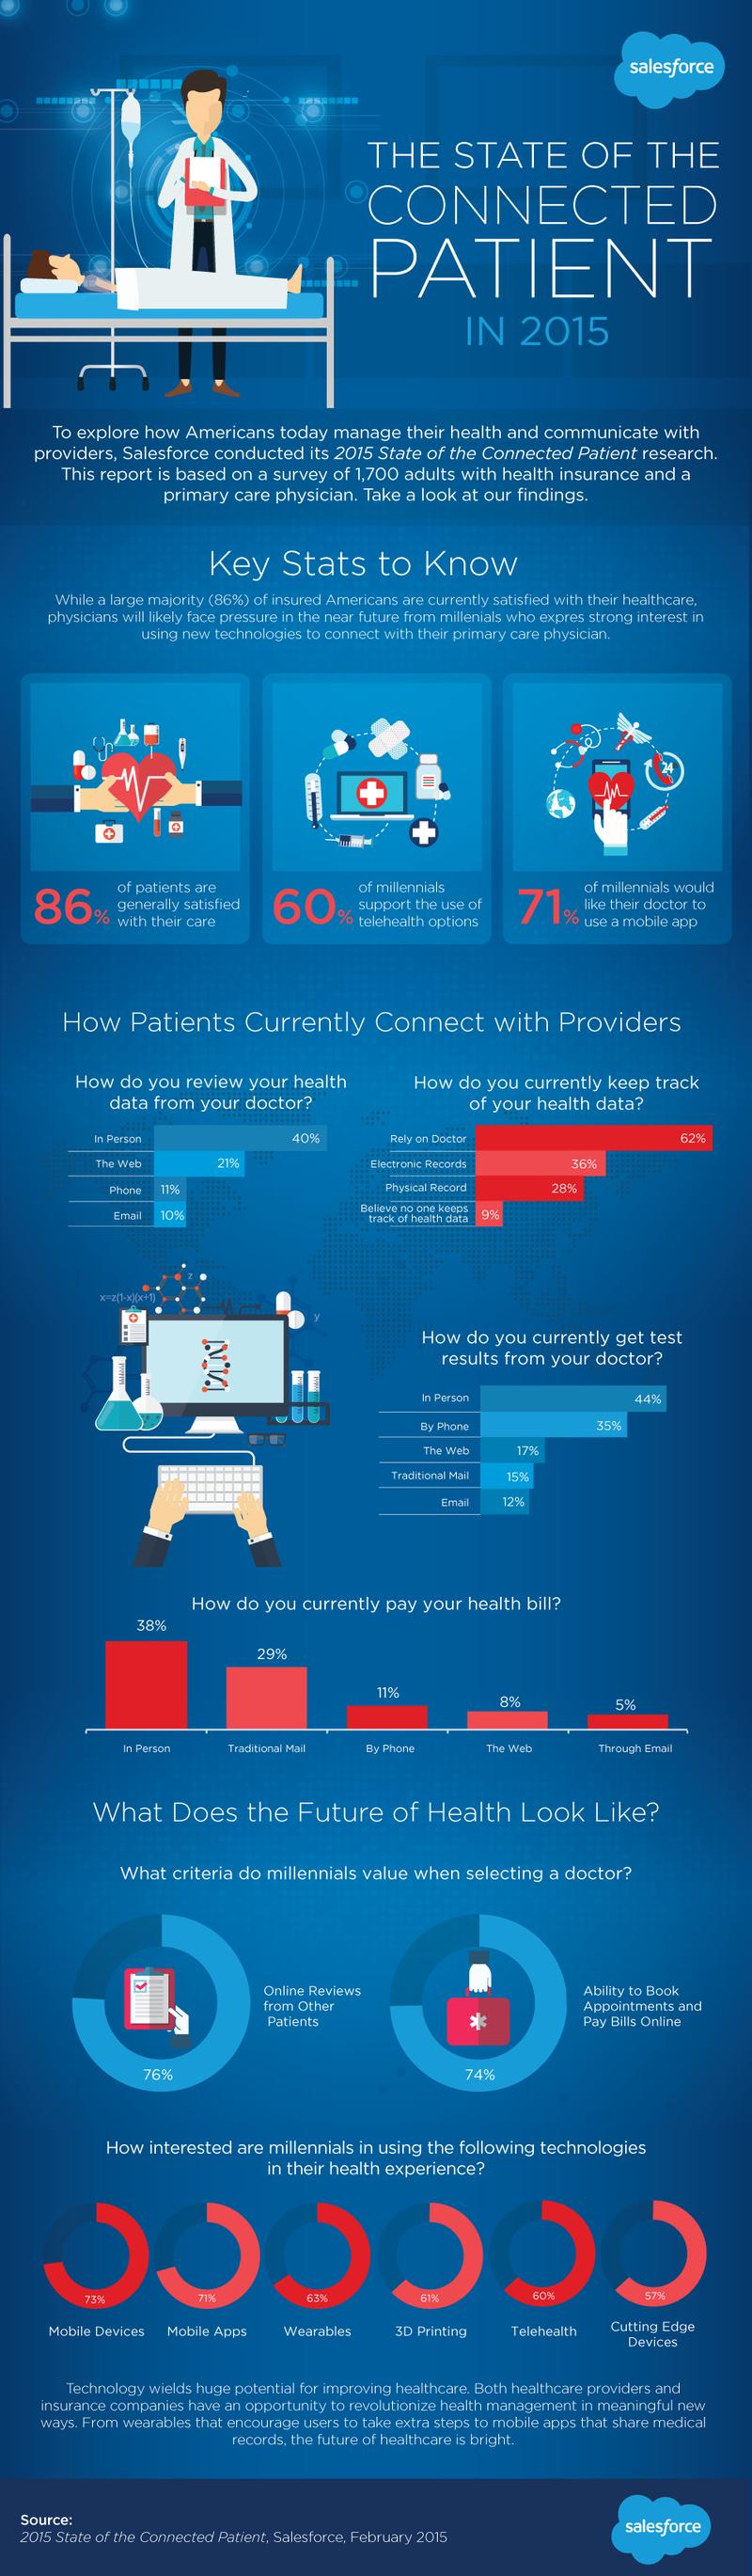 Çevrimiçi İletişim Kuran Hastalar Araştırması